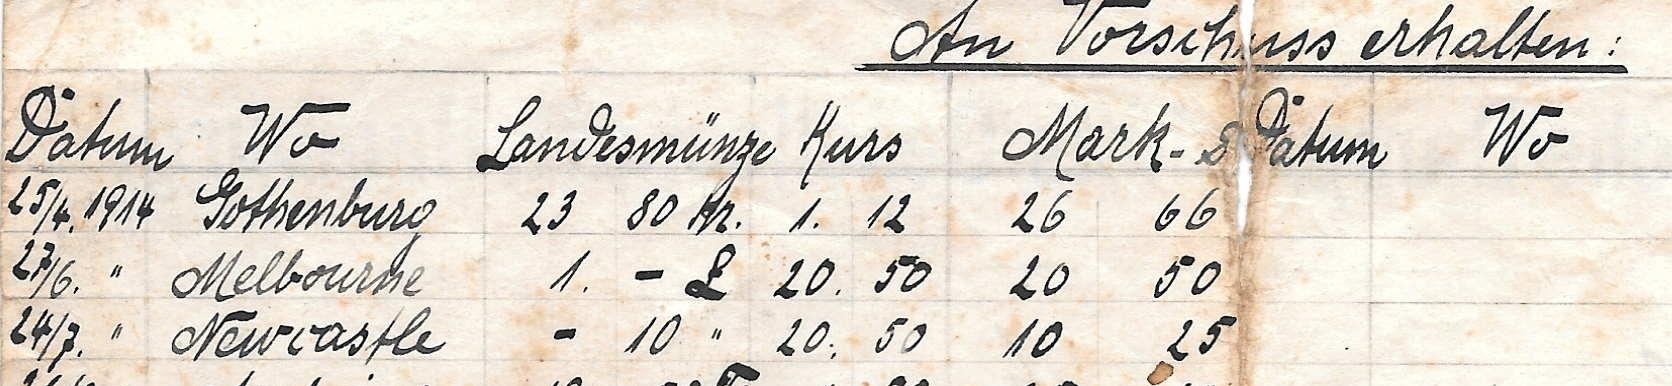 Wilhelm Holst, Schiffskoch, Vorschüsse